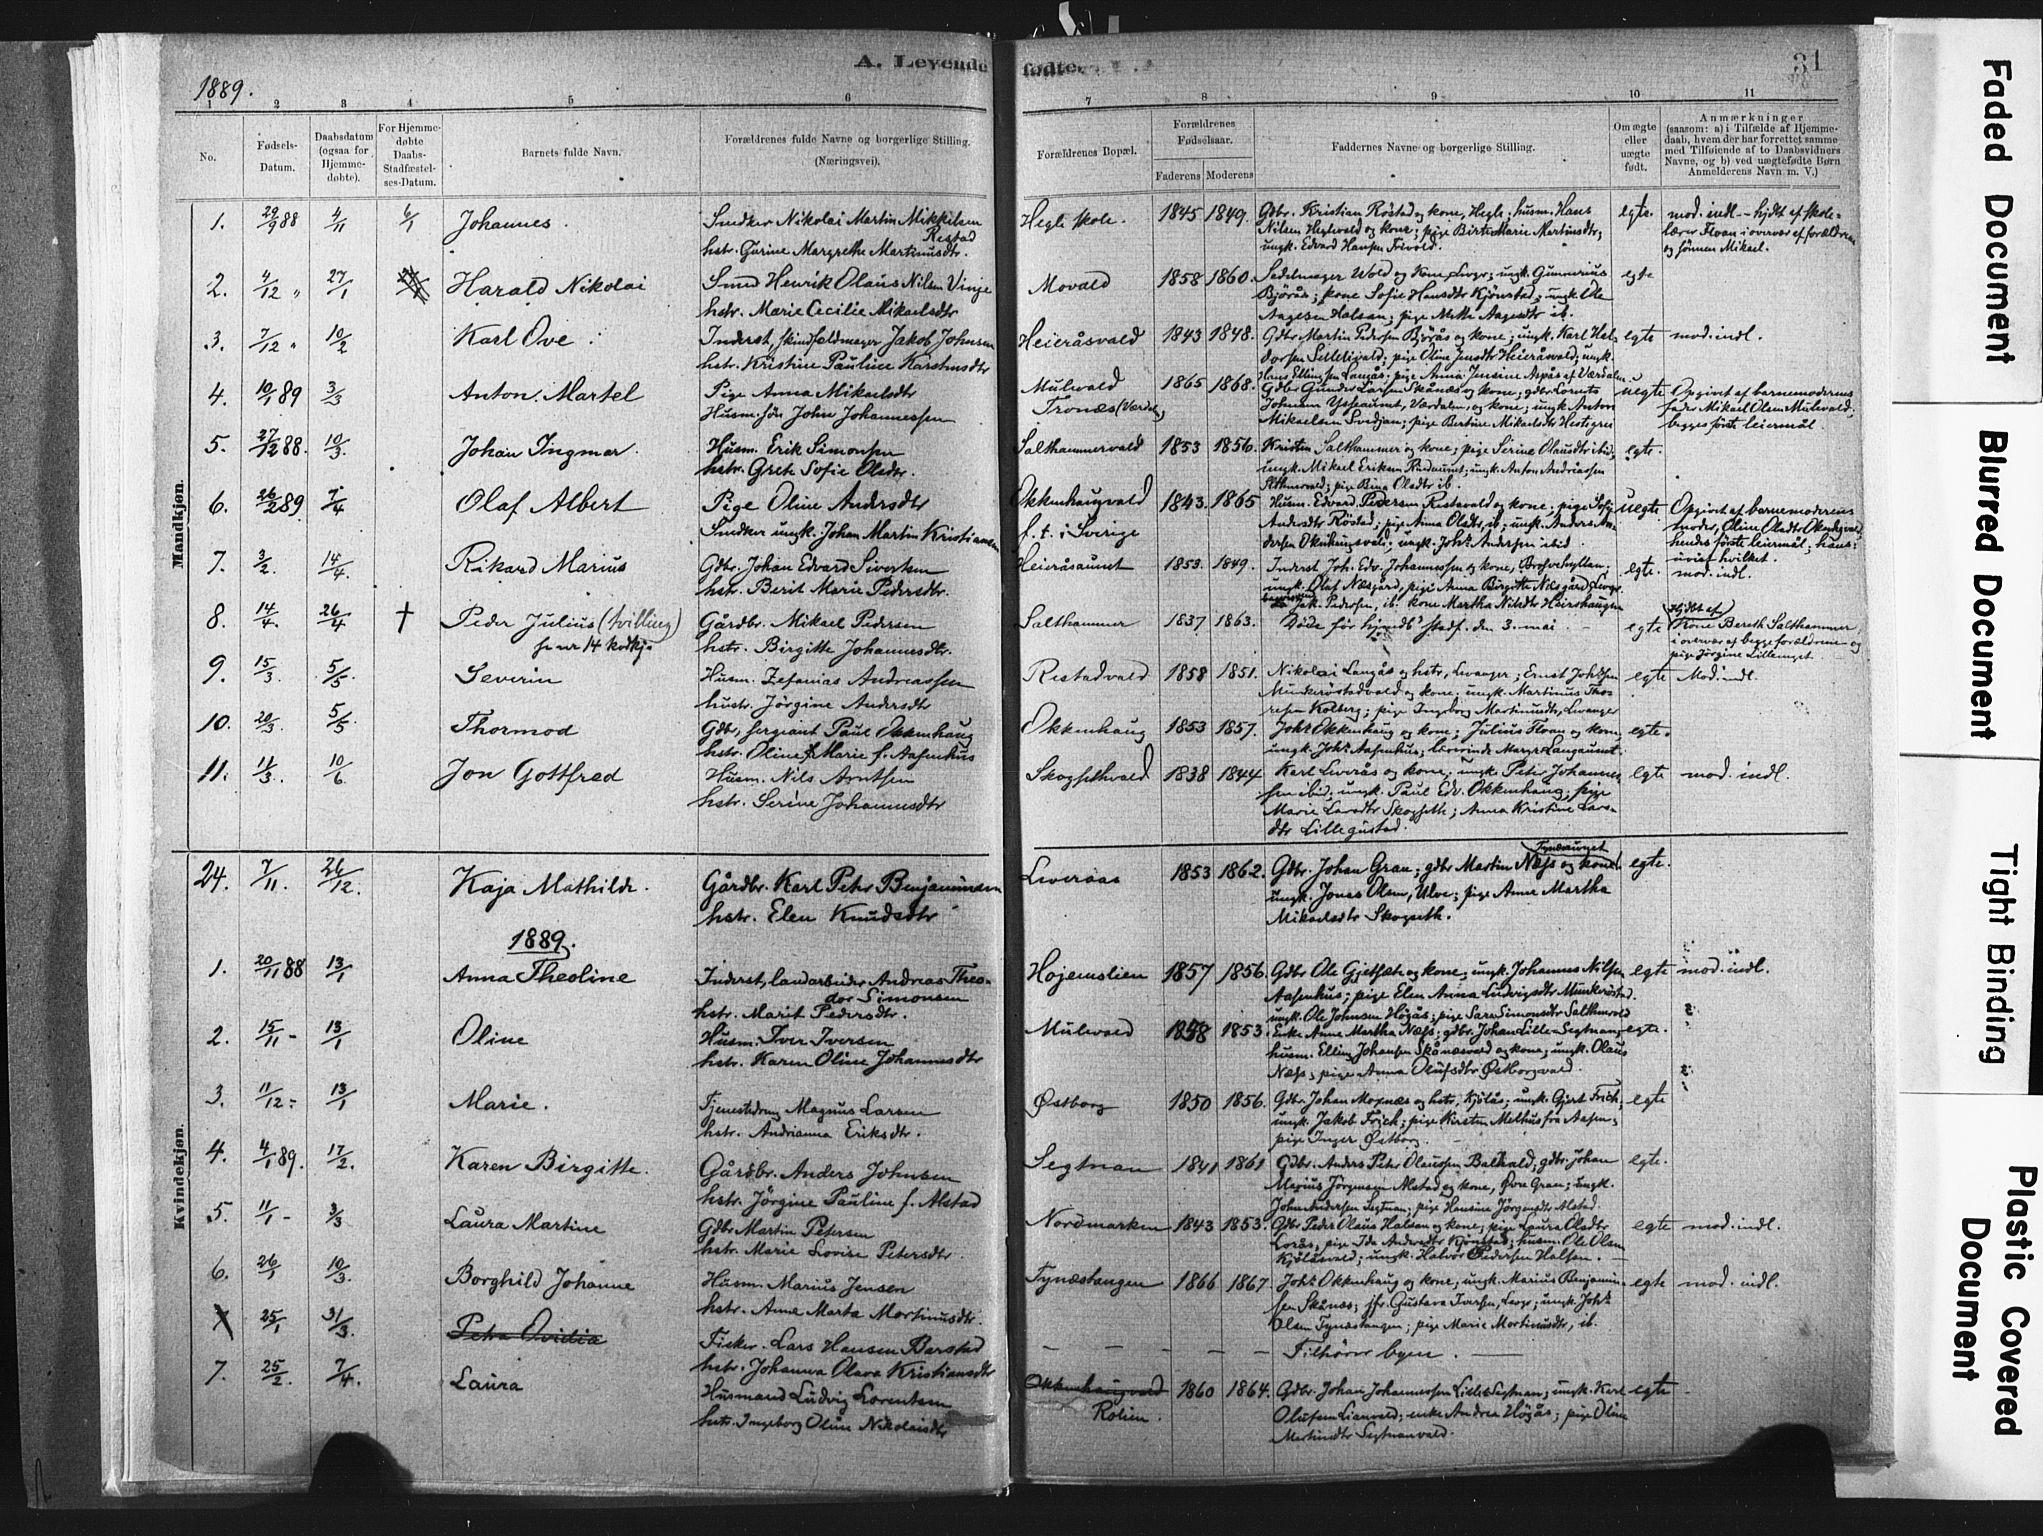 SAT, Ministerialprotokoller, klokkerbøker og fødselsregistre - Nord-Trøndelag, 721/L0207: Ministerialbok nr. 721A02, 1880-1911, s. 31